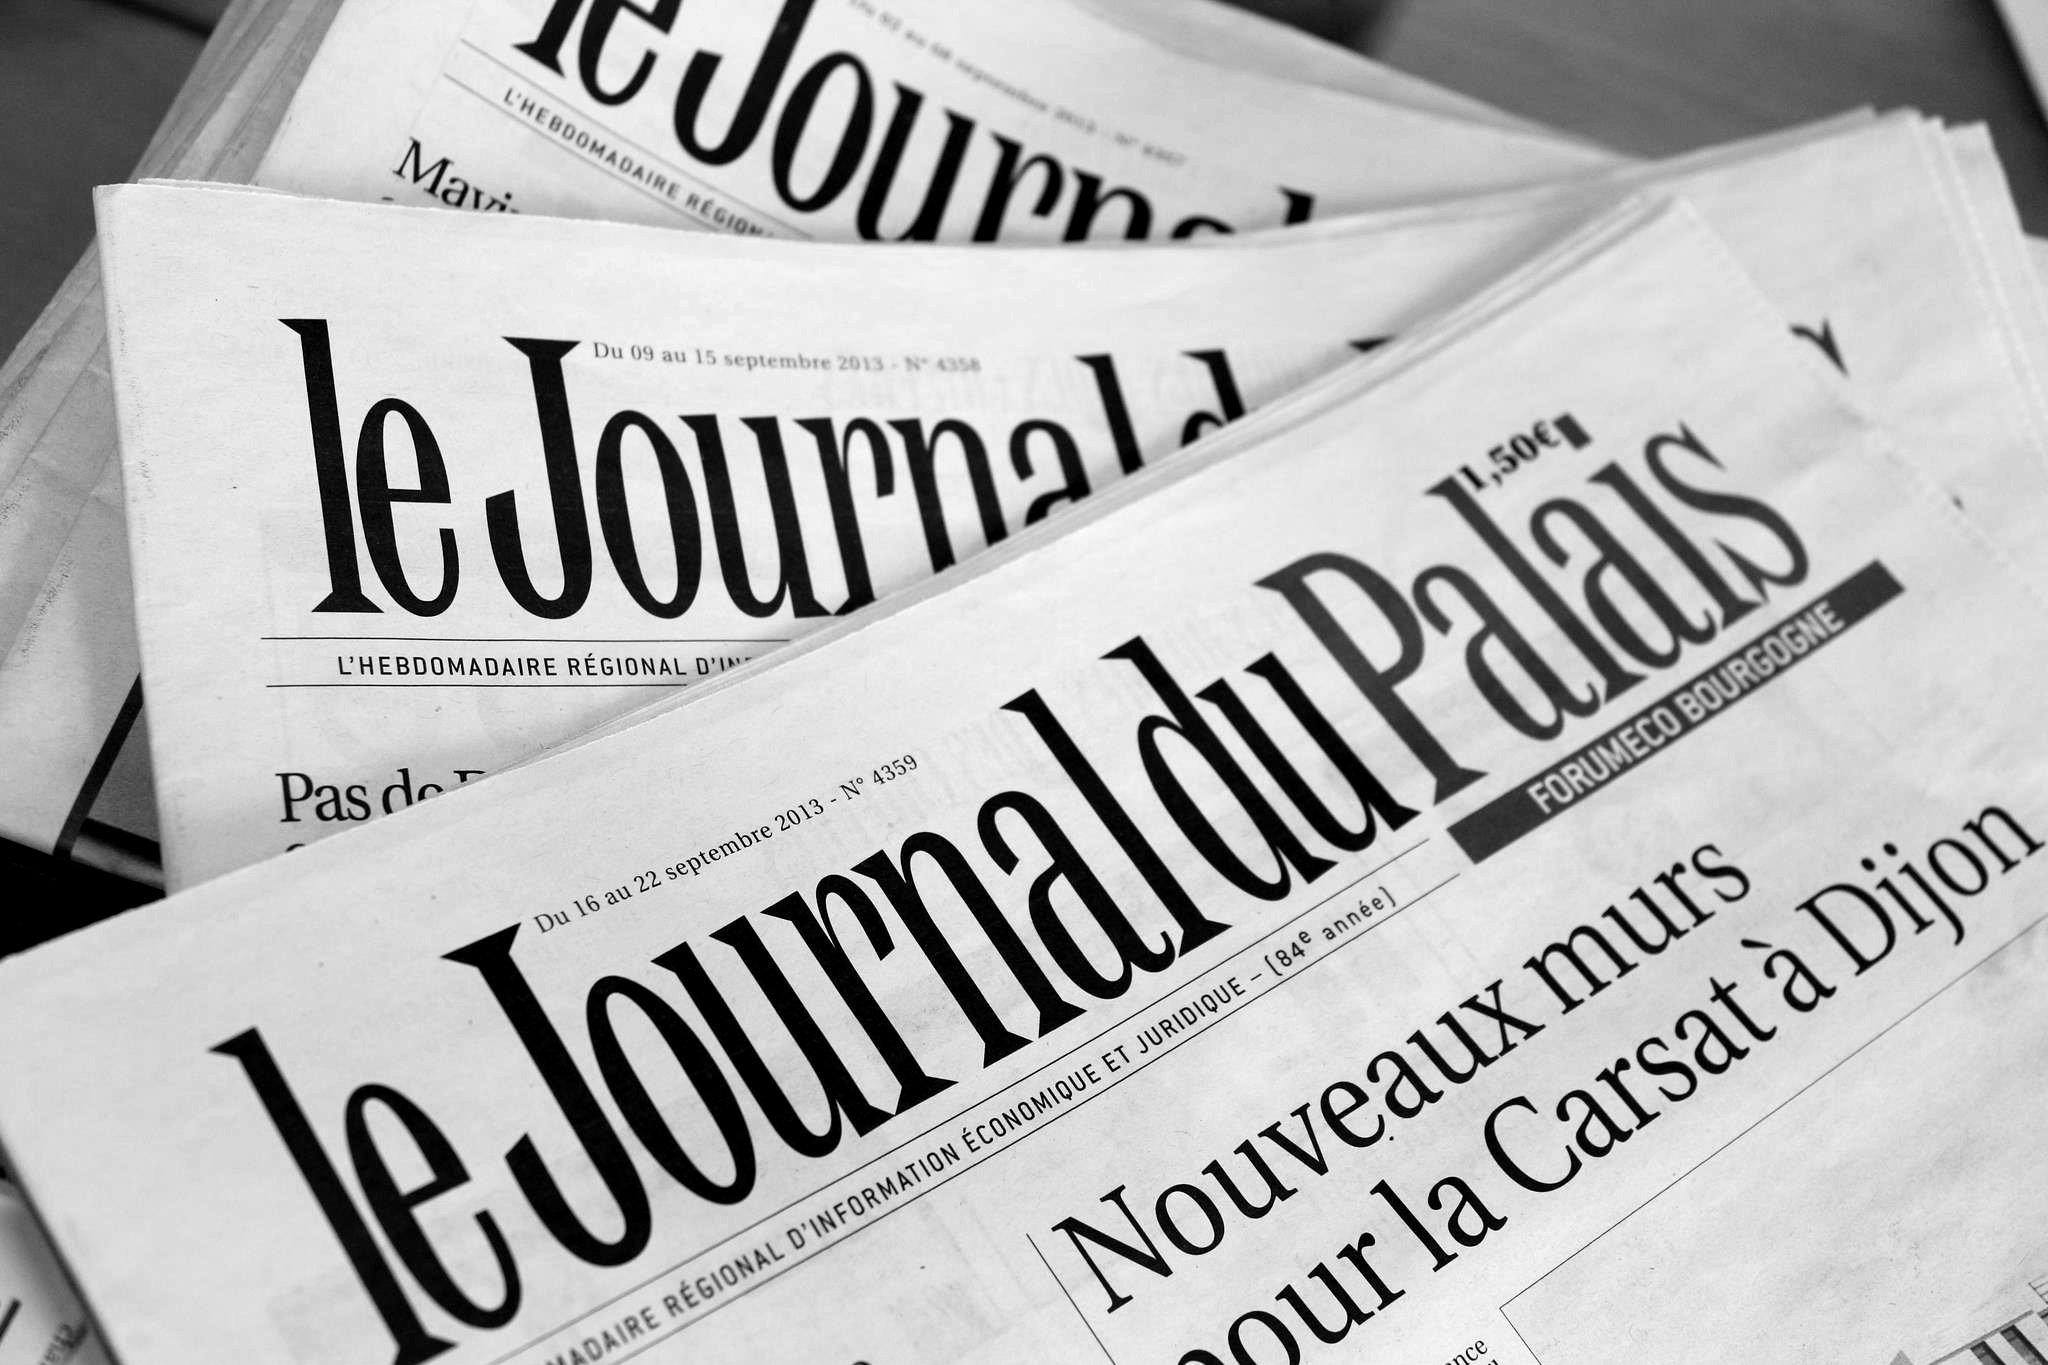 Journal d'annonces légales Le Journal du Palais